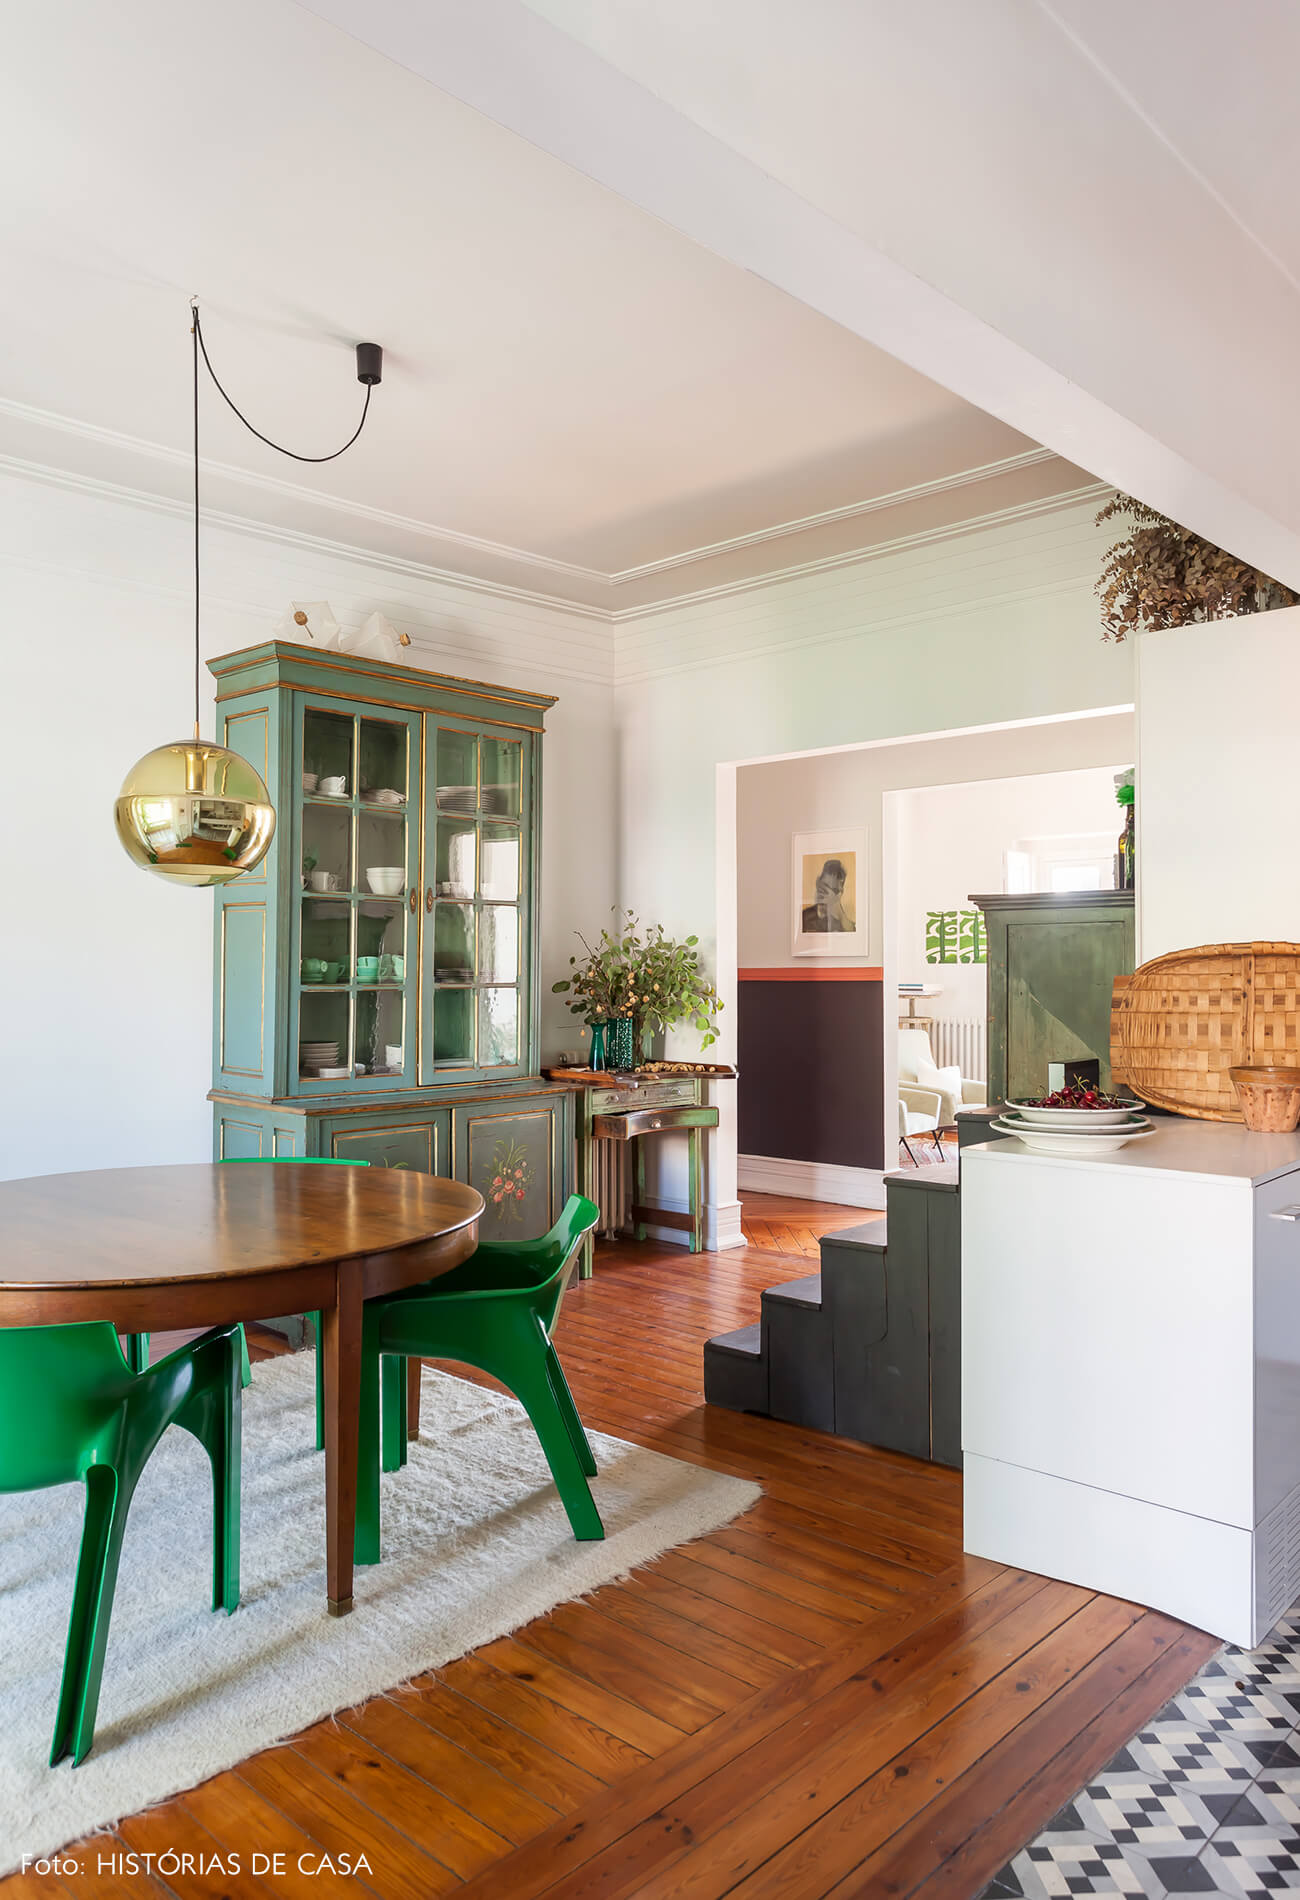 Decoração cozinha e sala com cadeiras verdes piso e mesa de madeira